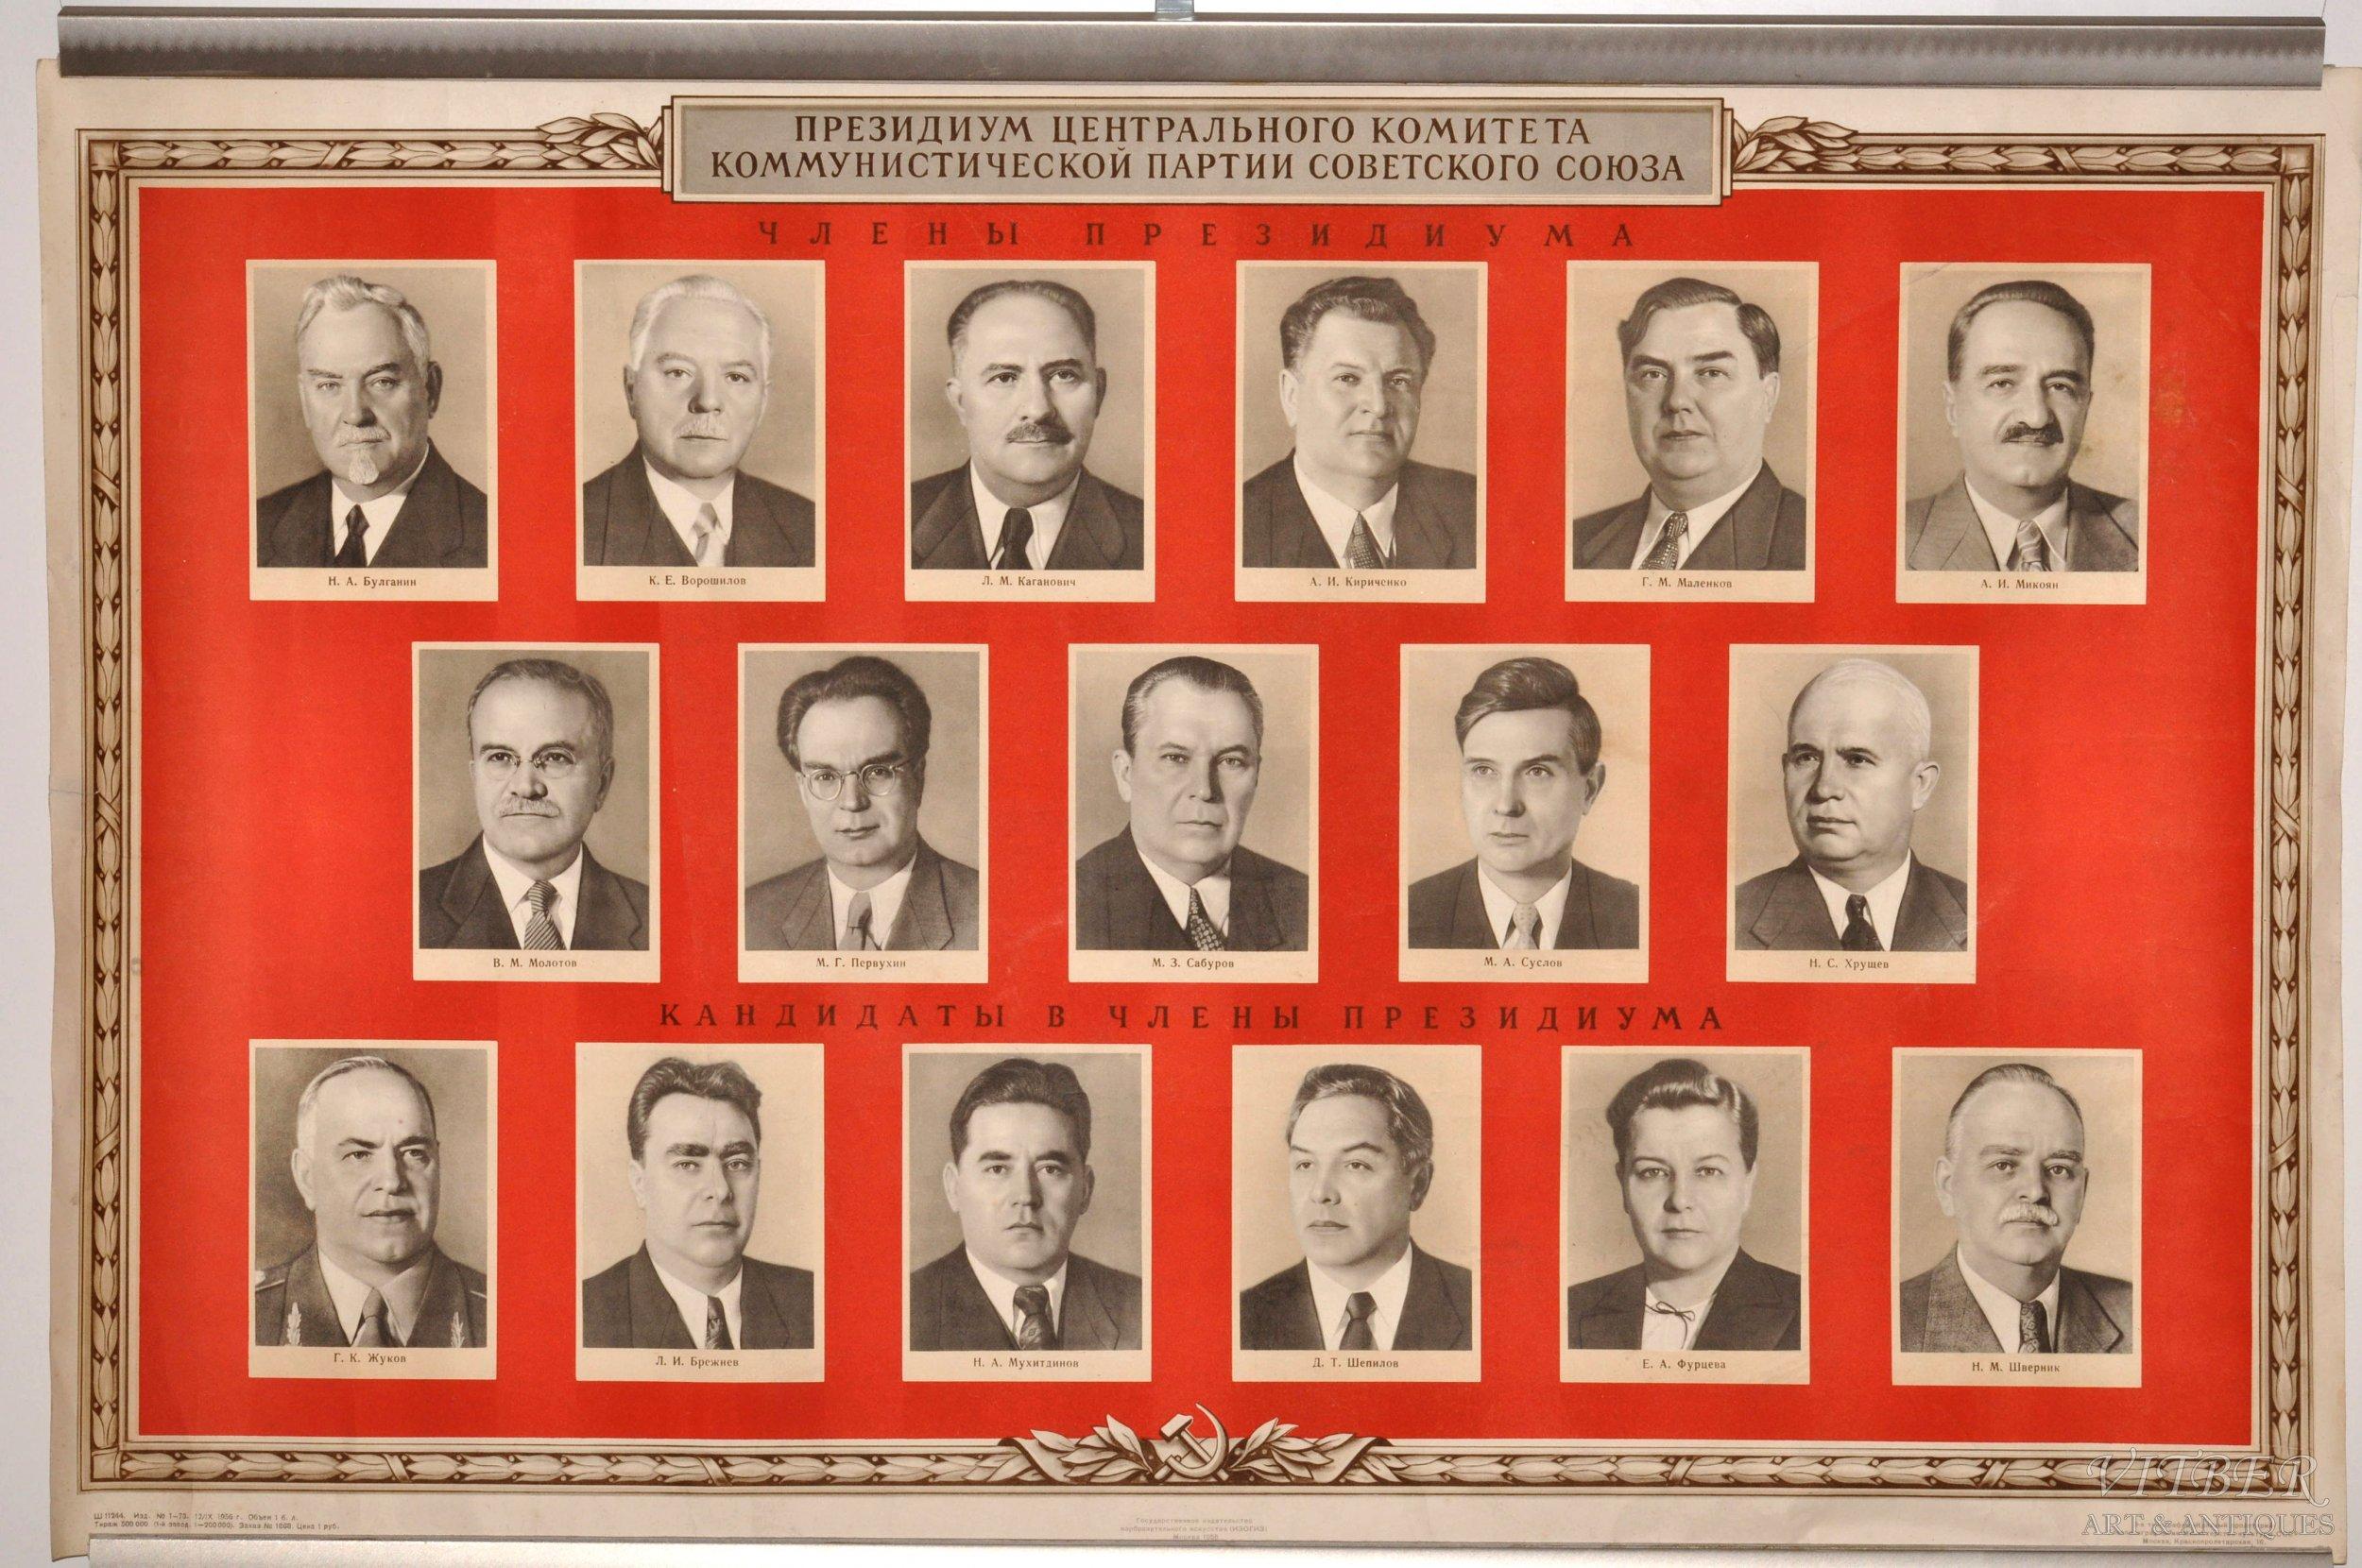 1956. Президиум центрального комитета Коммунистической партии Советского Союза